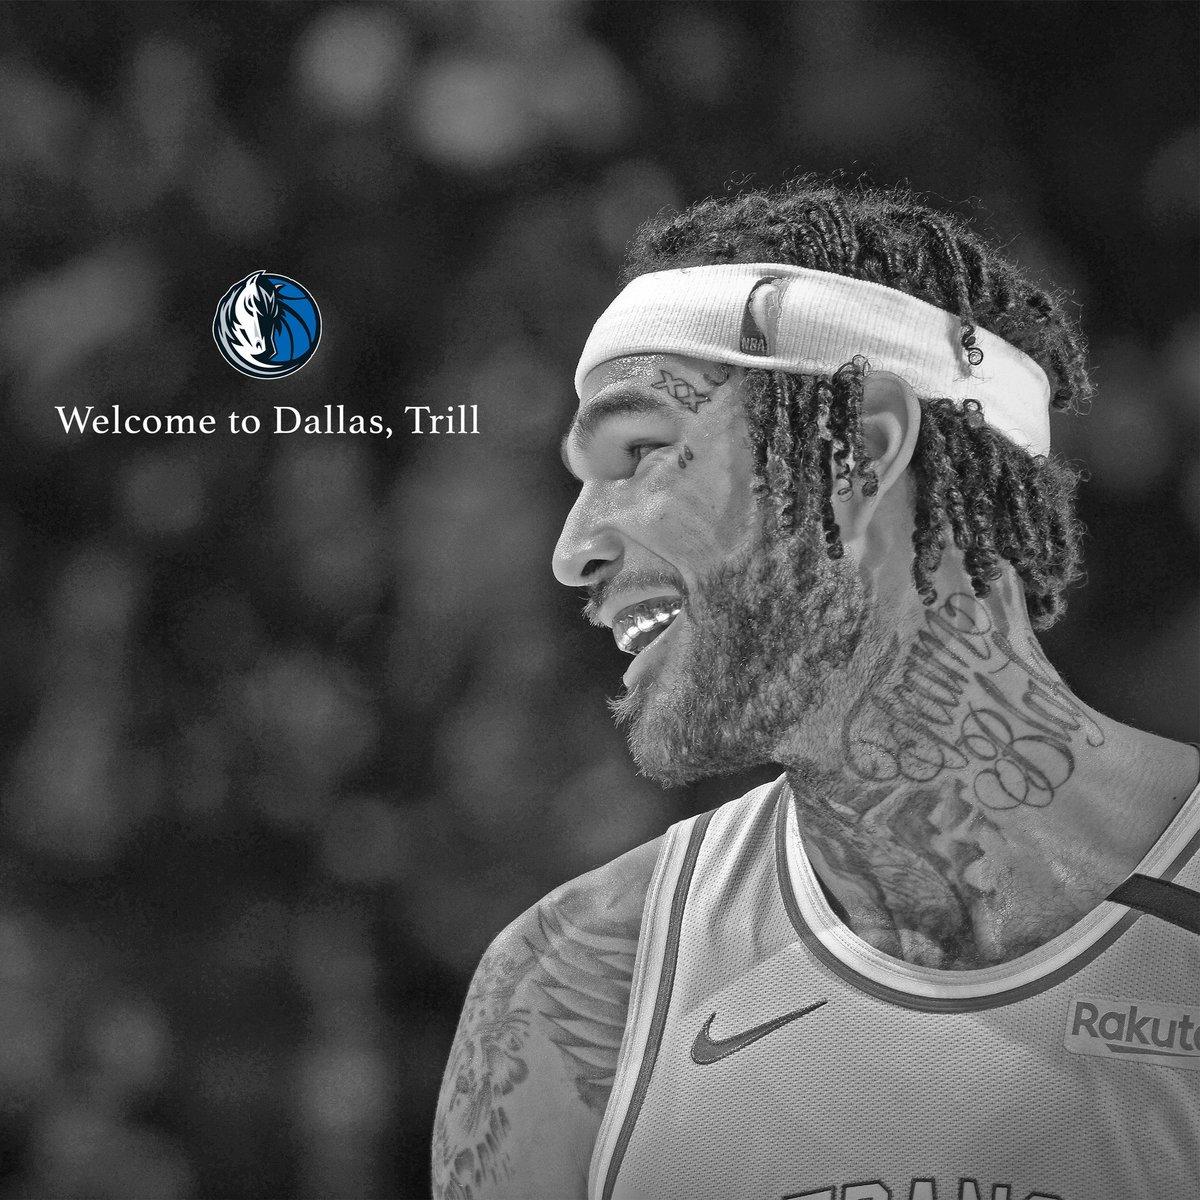 Dallas Mavericks @dallasmavs